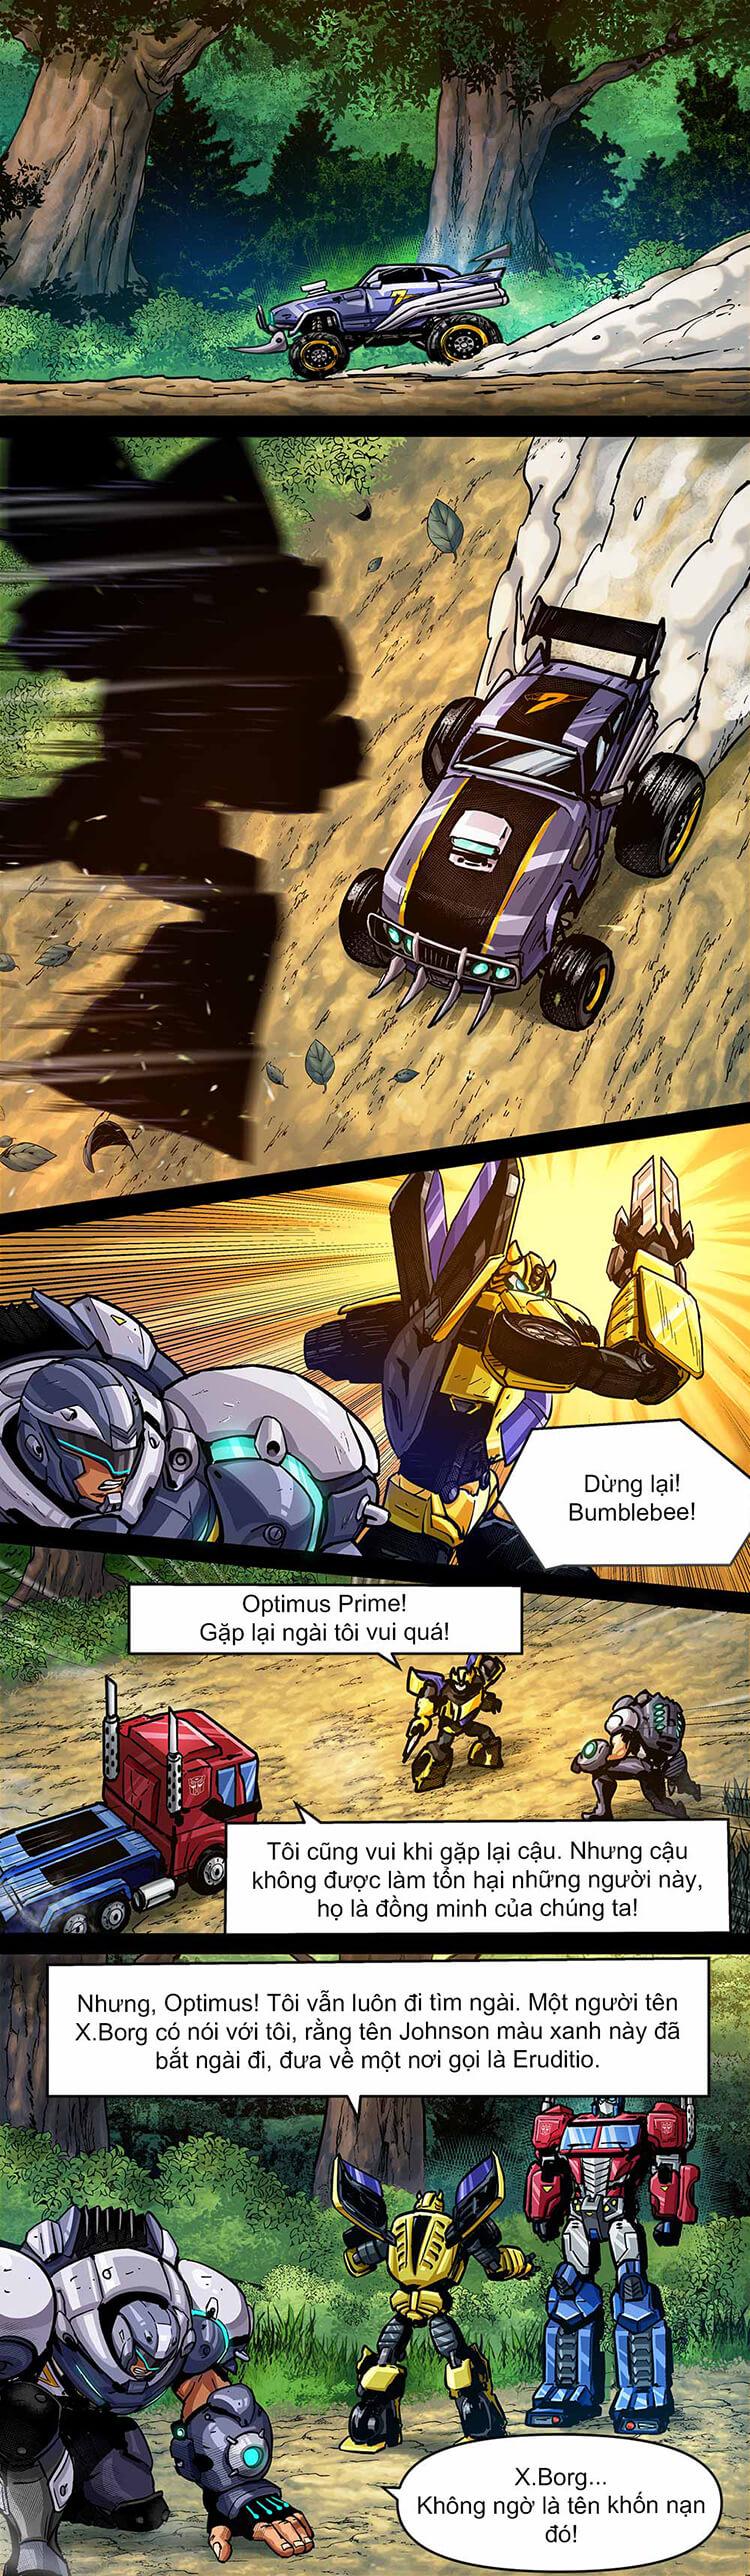 Comic MLBB: Lãng khách đến từ Cybertron - Trang 09